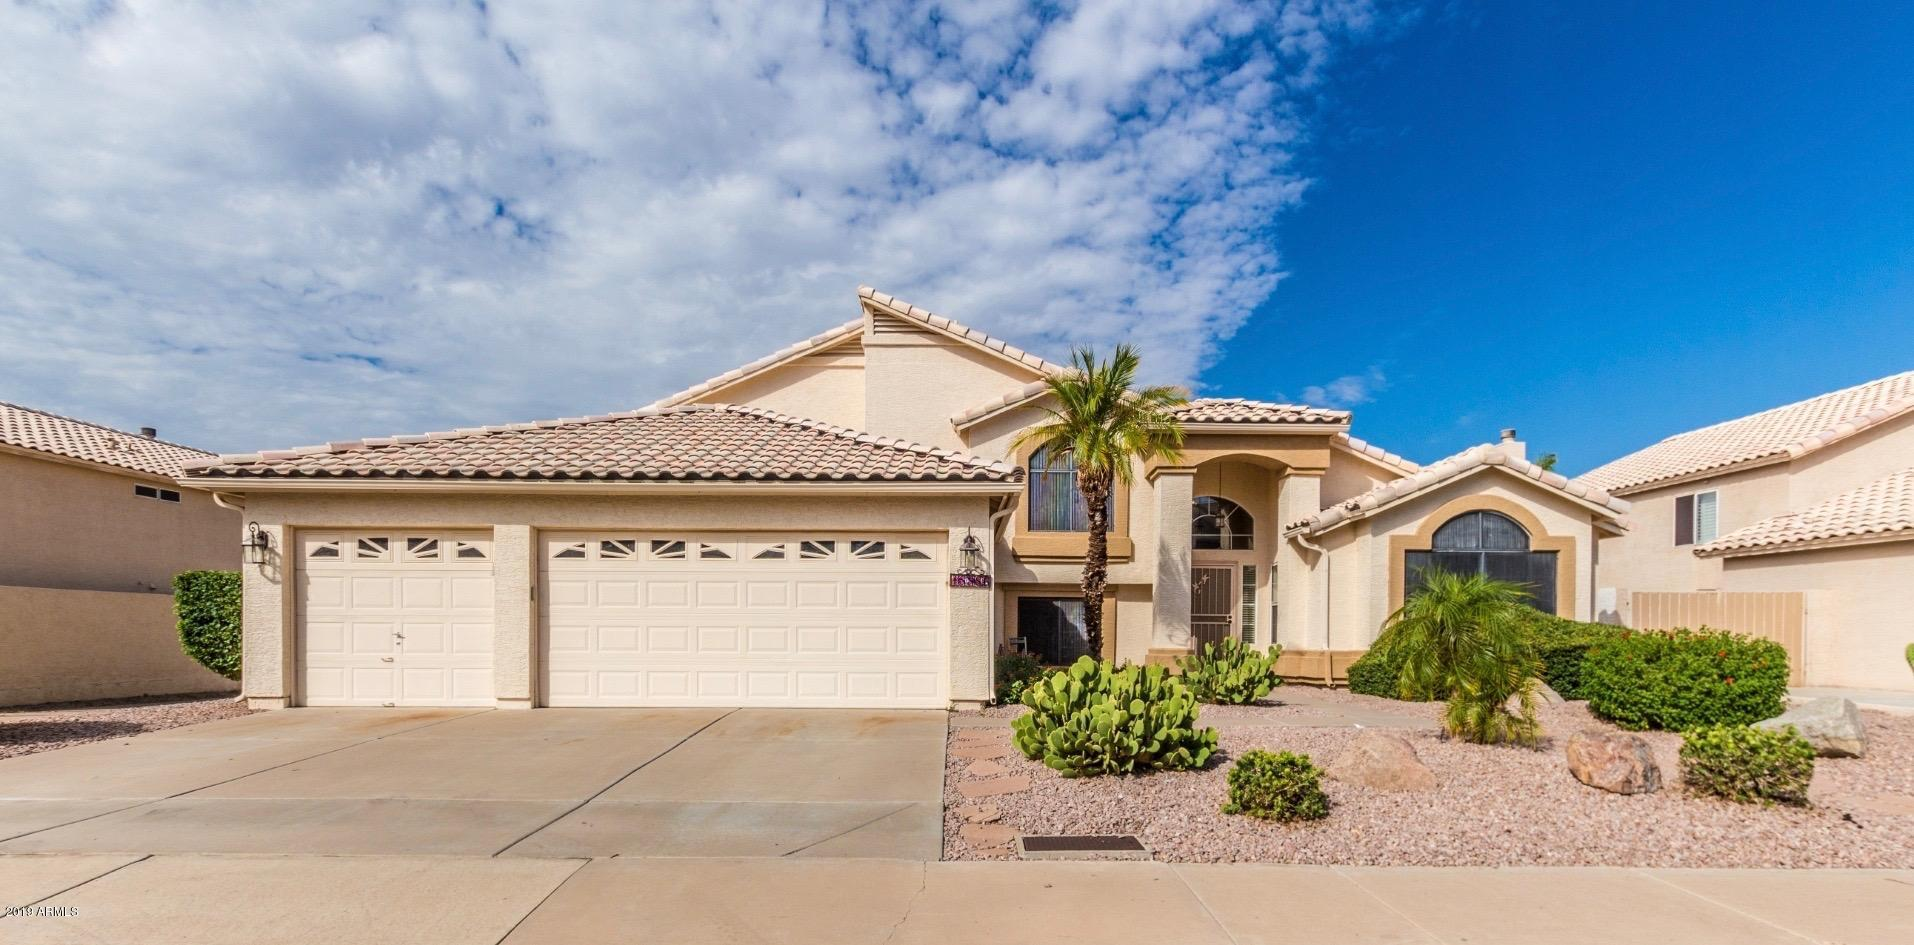 Photo of 18886 N 71ST Lane, Glendale, AZ 85308